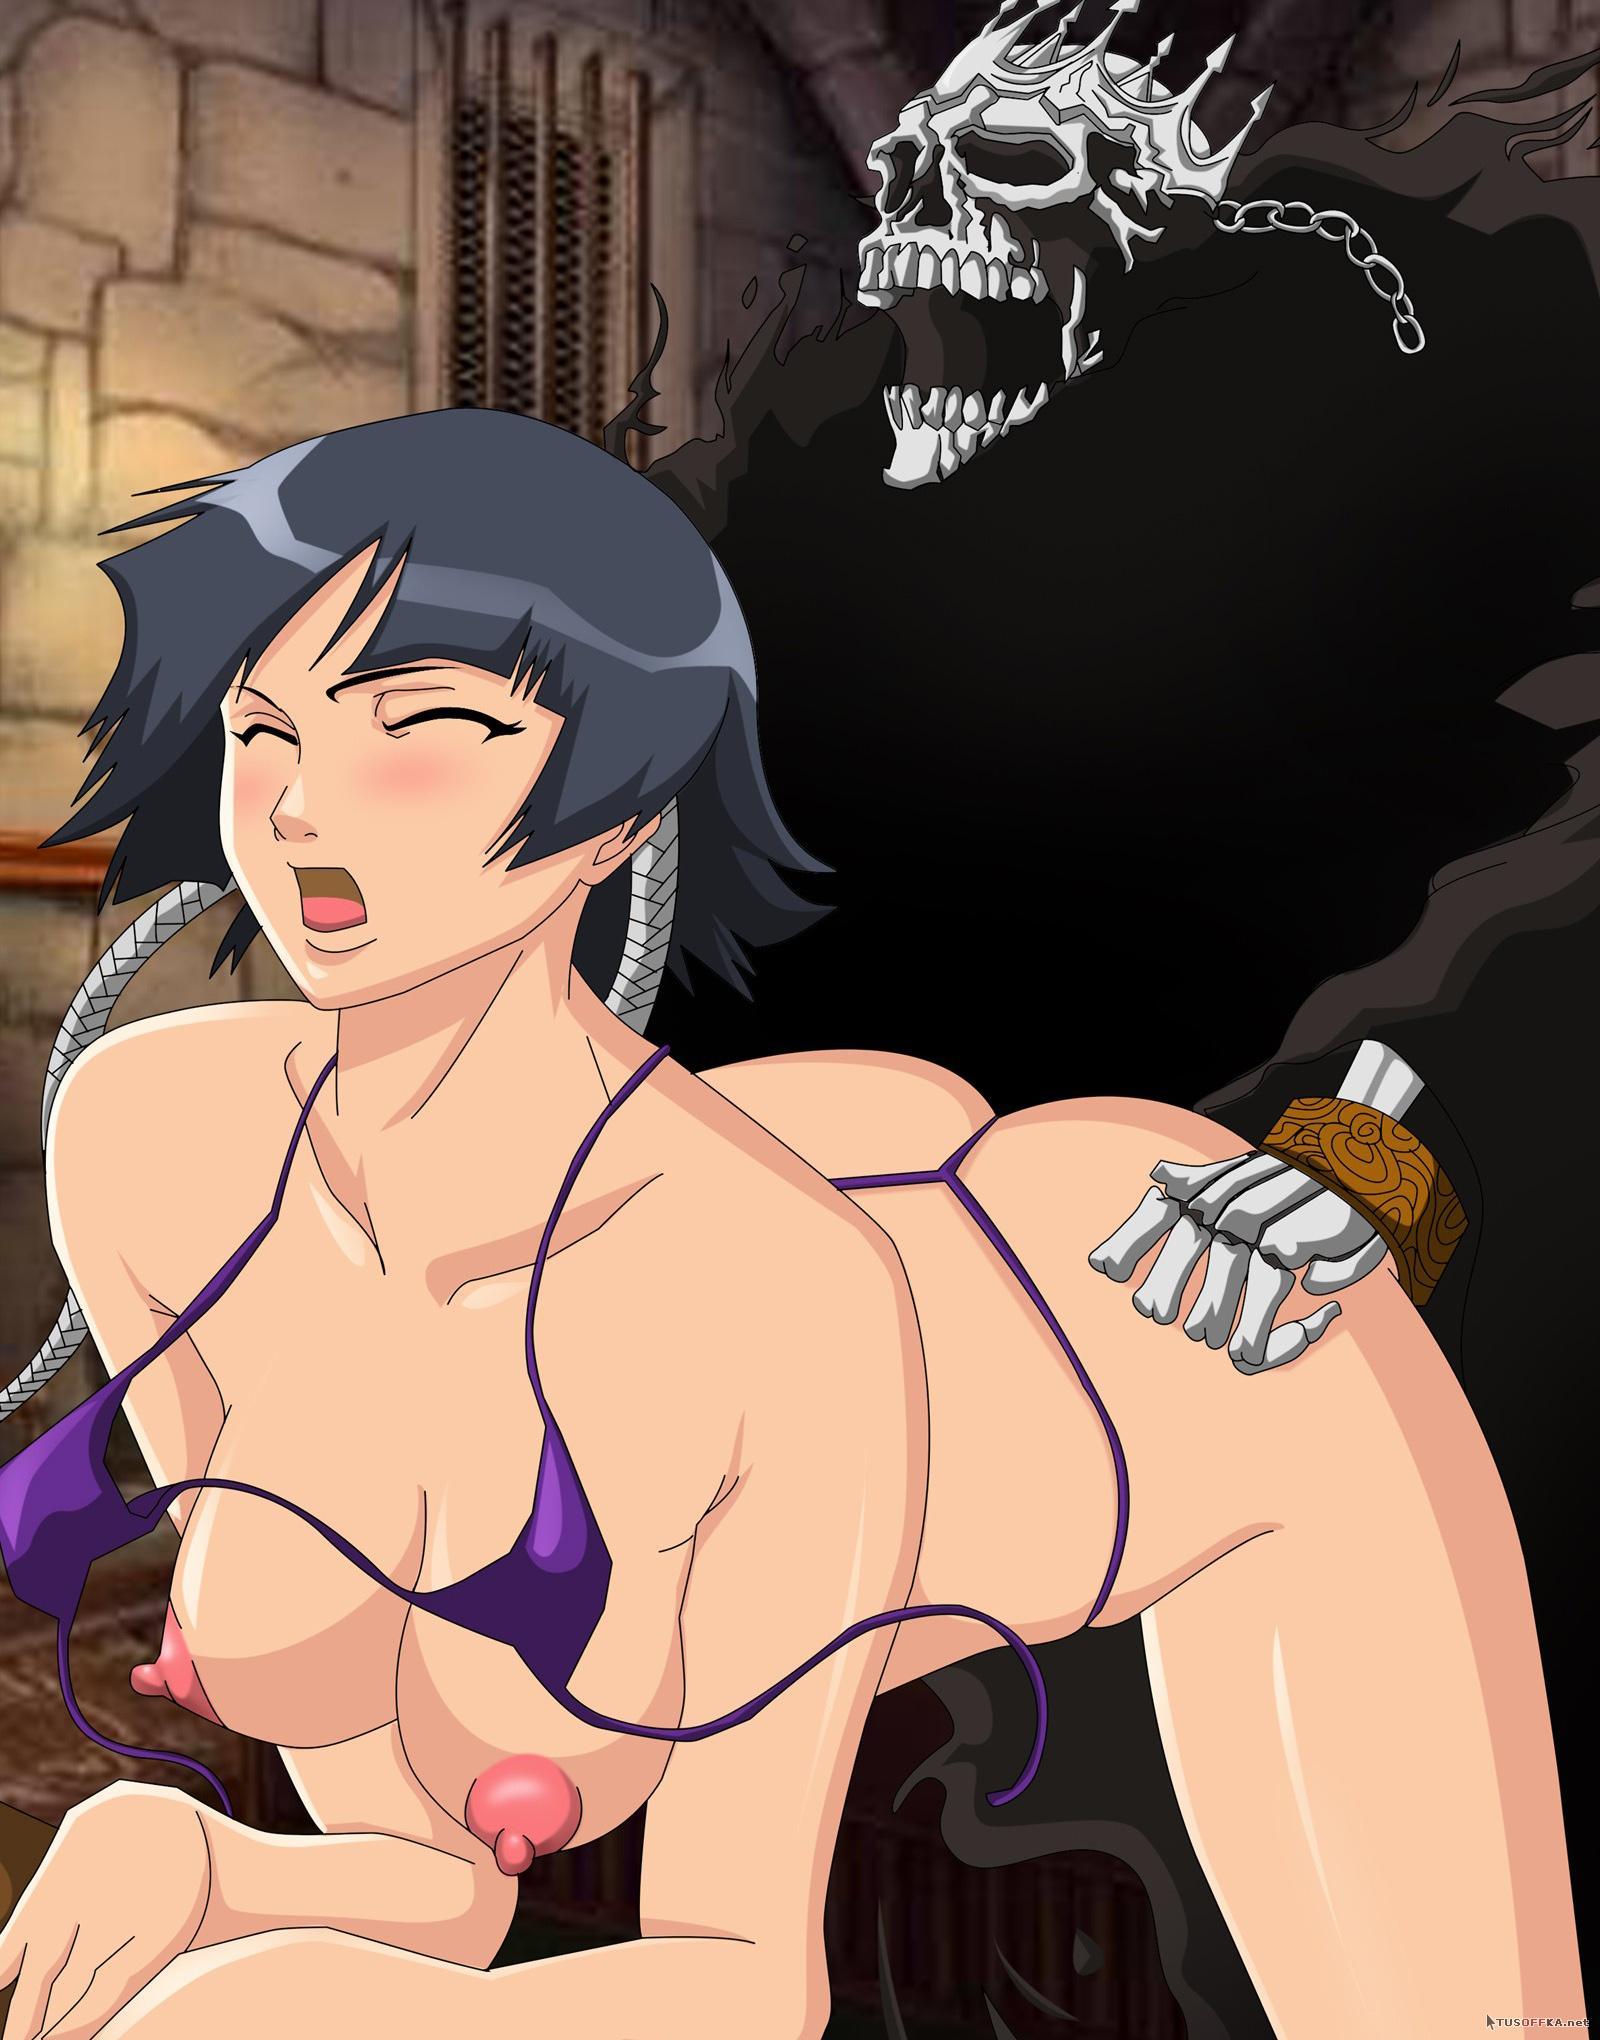 Порно хентай мульты смотреть онлайн